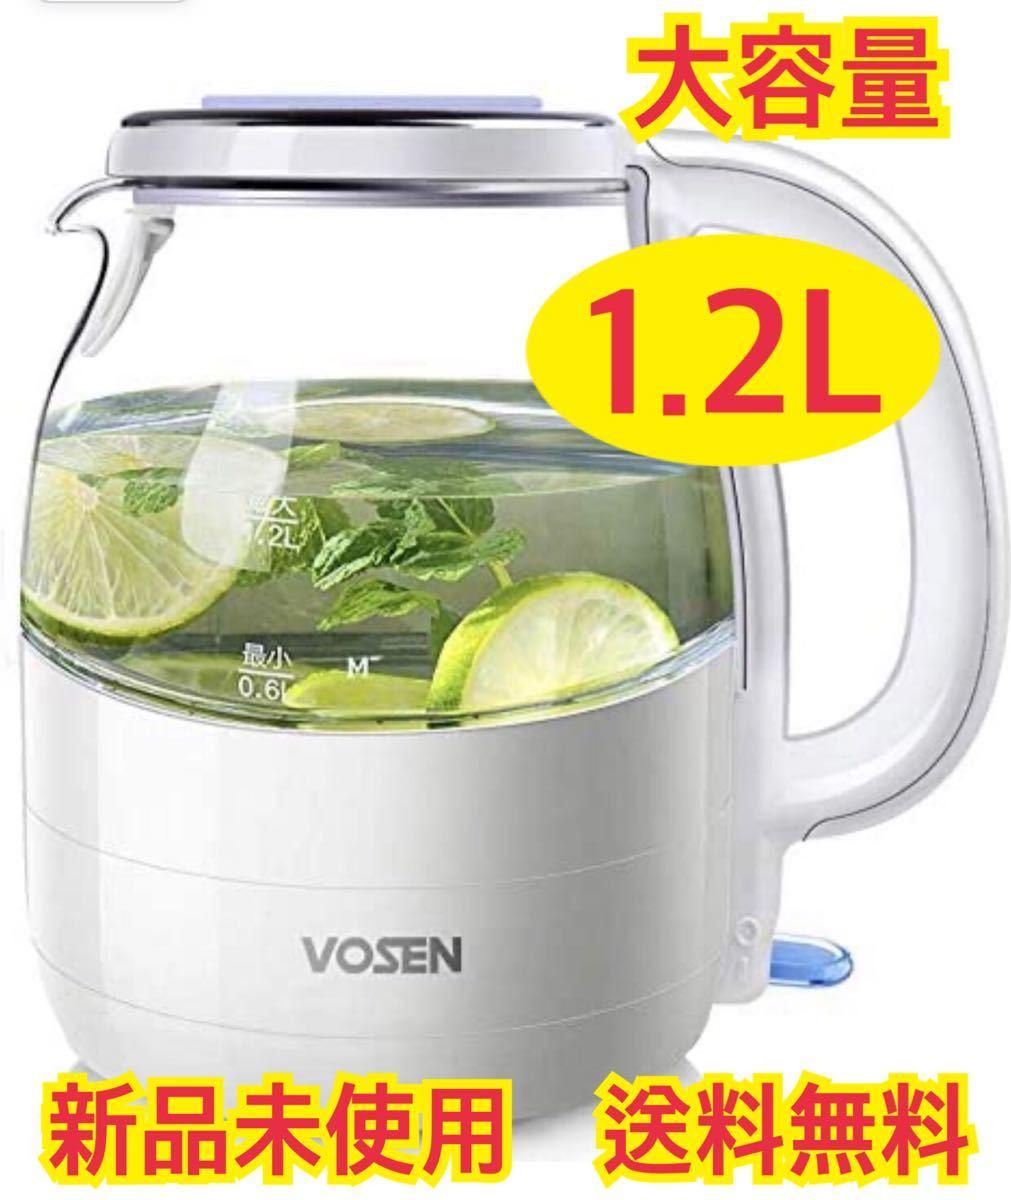 新品 電気ポット 電気ケトル 湯沸かし器 ポット 台所 食事 ケトル キッチン 湯沸かしポット 大容量